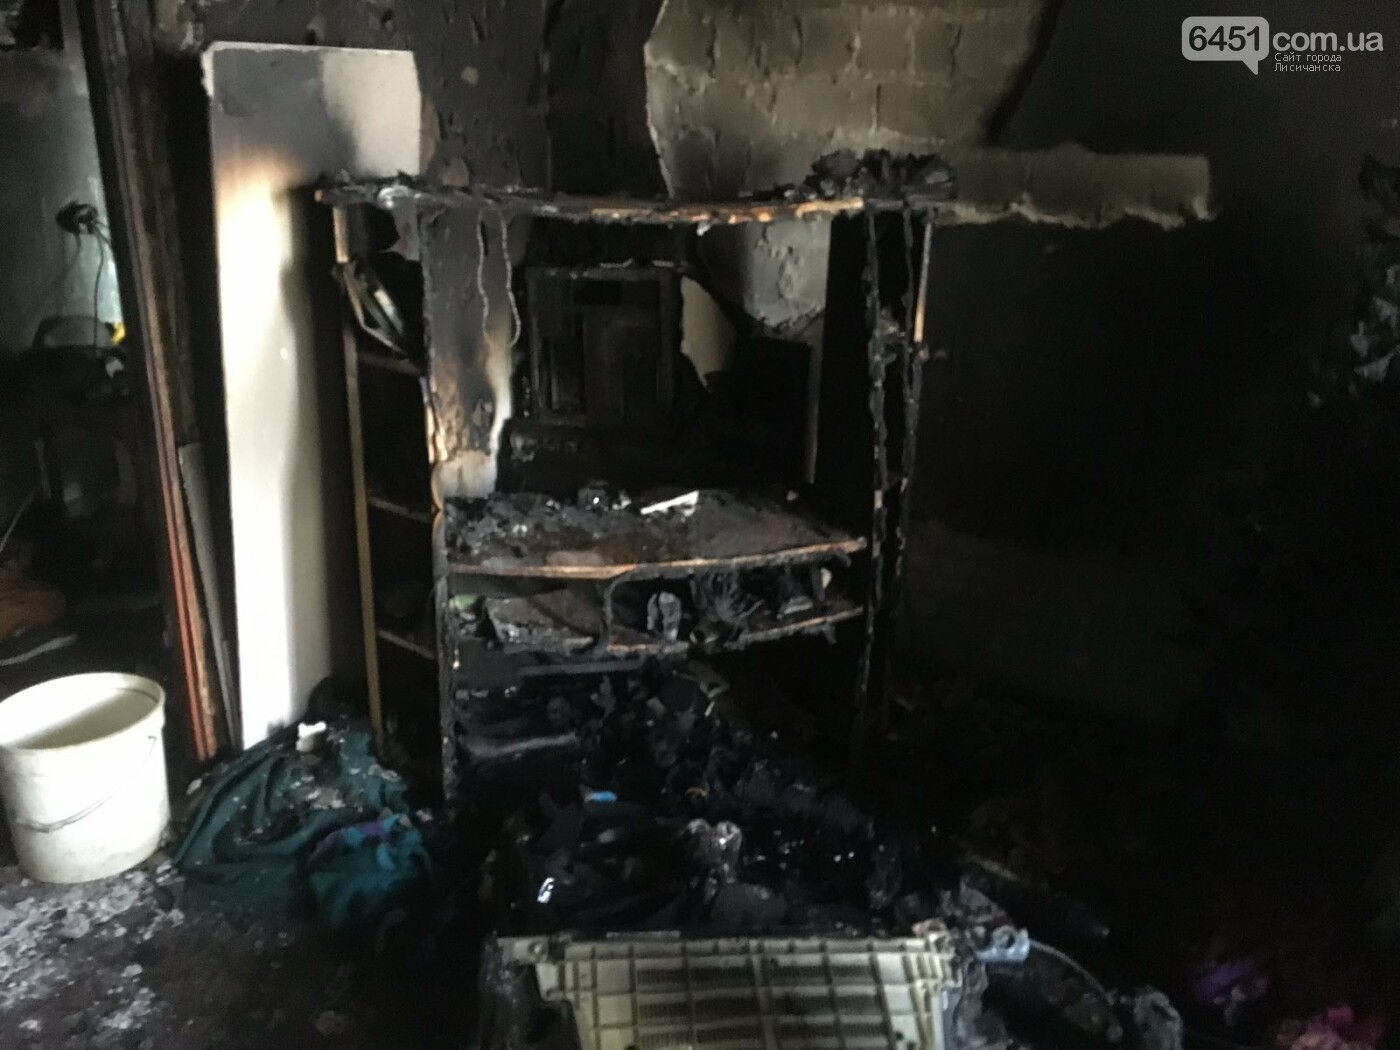 По причине неисправности телевизора в многоэтажке Лисичанска случился пожар, фото-1, ГУ ГСЧС в Луганской области